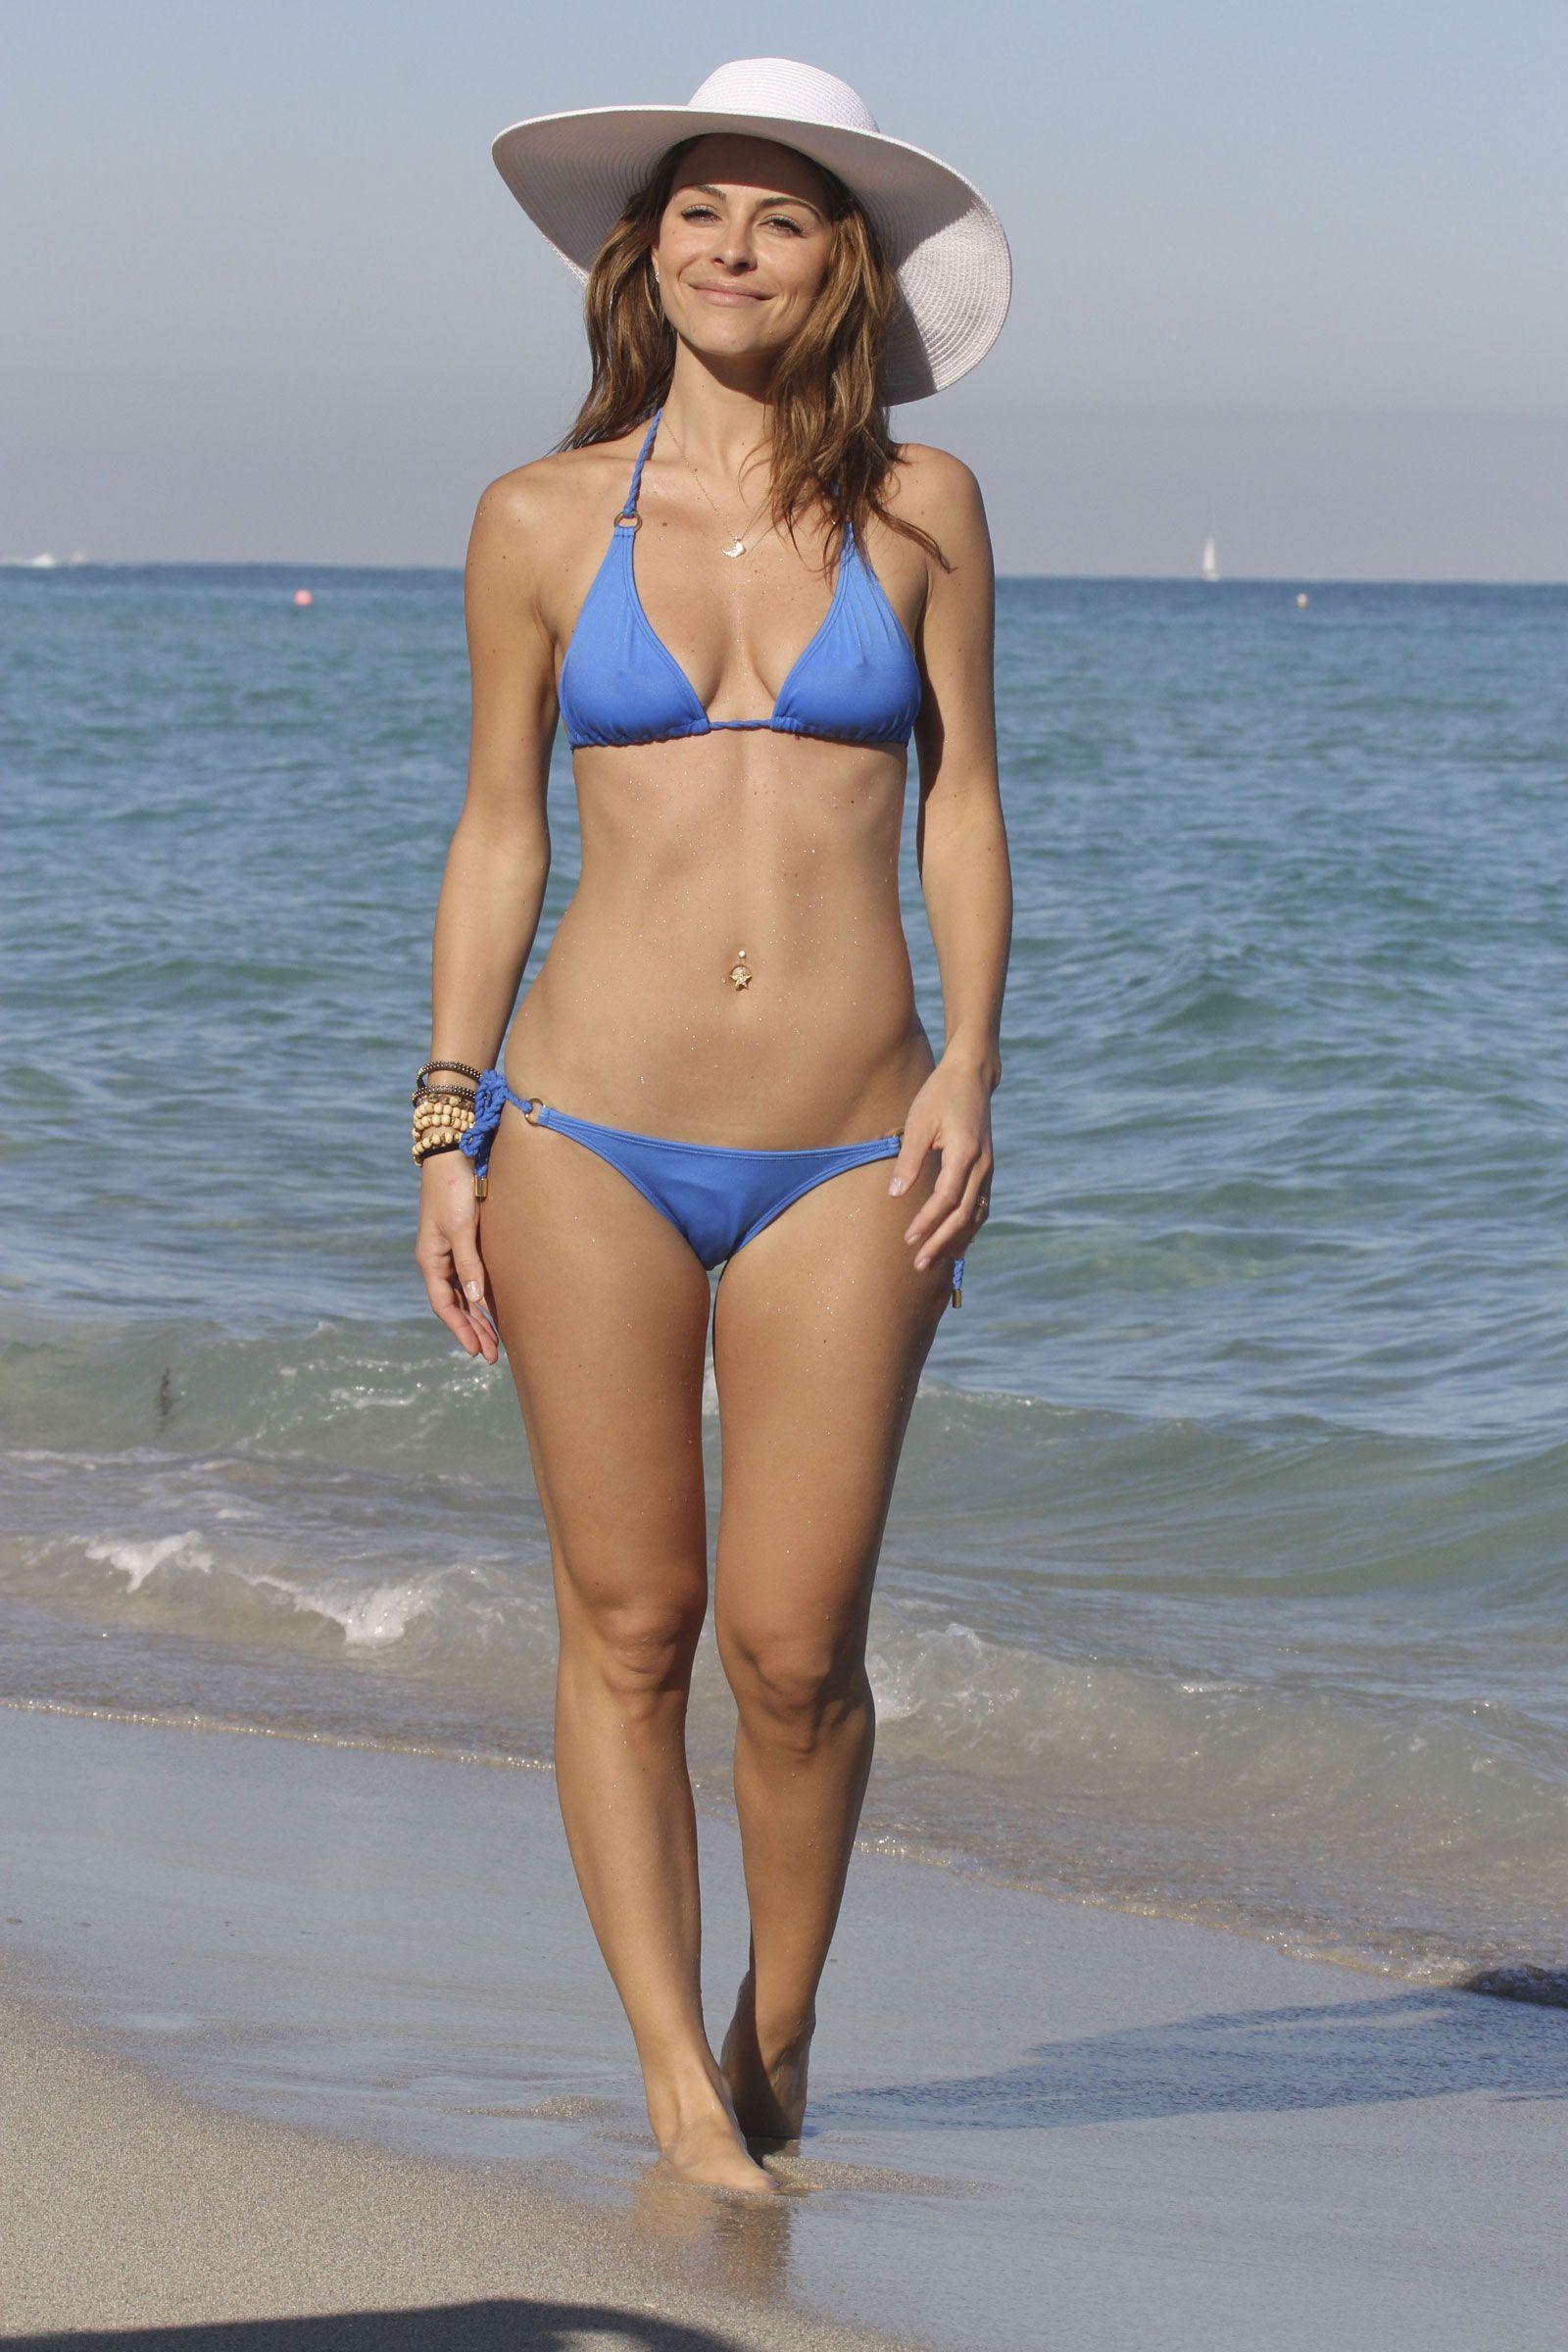 Maria Menounos Bikini Maria Menounos in Blue Bikini at  : b3629fb7e148b7ad085f0457cde41c36 from www.pinterest.com size 1600 x 2400 jpeg 442kB